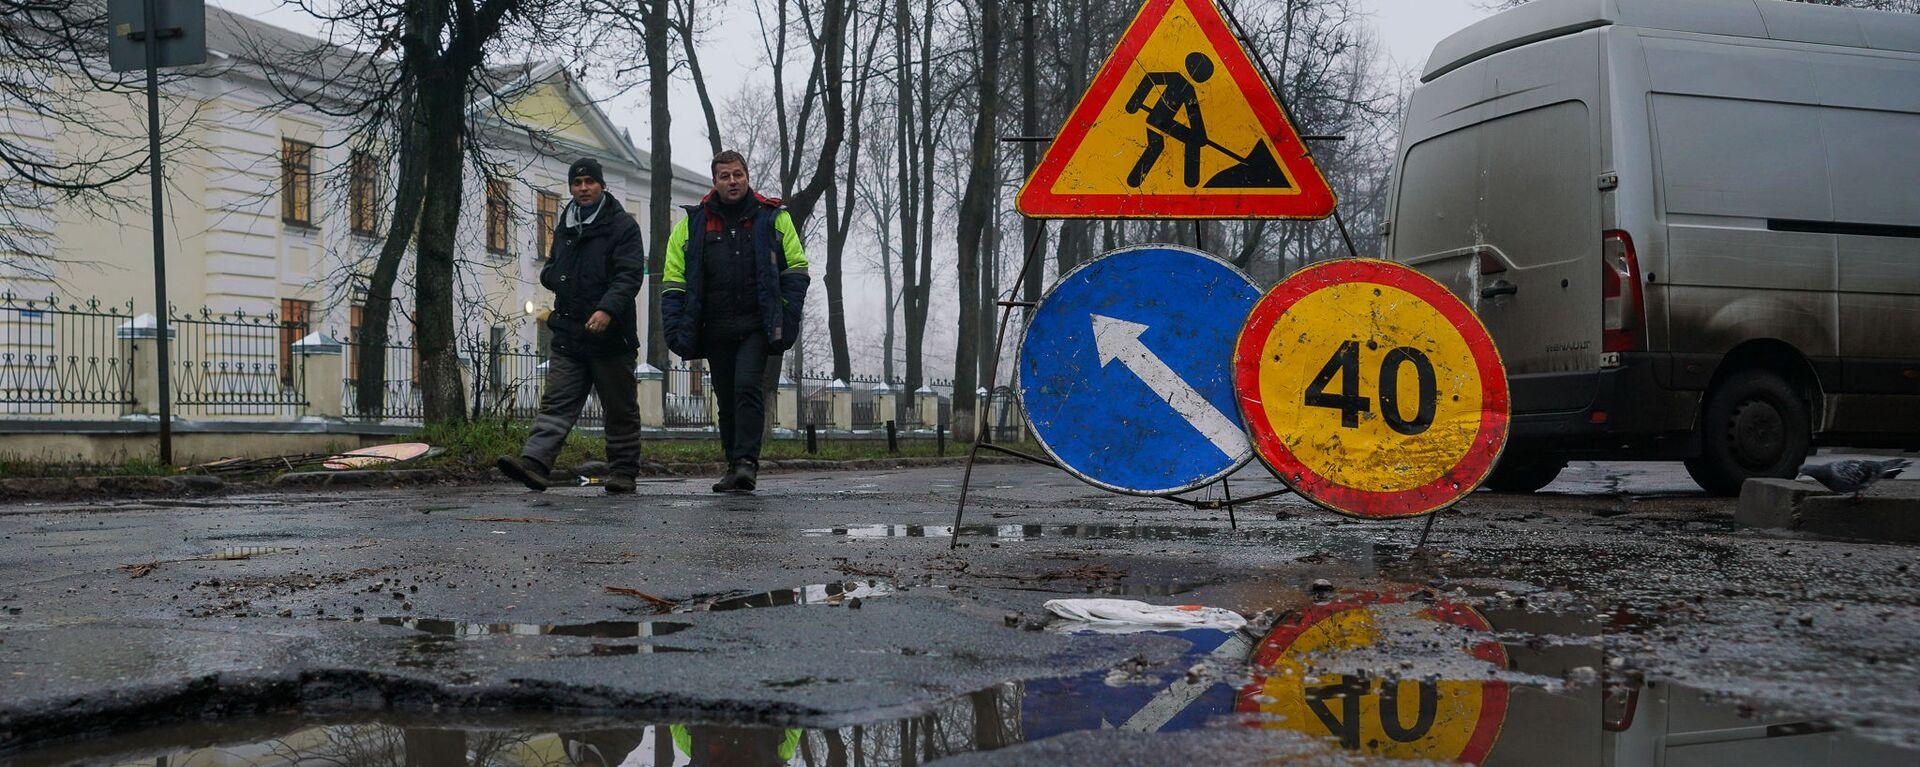 Ремонт дорог в Пскове - Sputnik Латвия, 1920, 22.03.2021